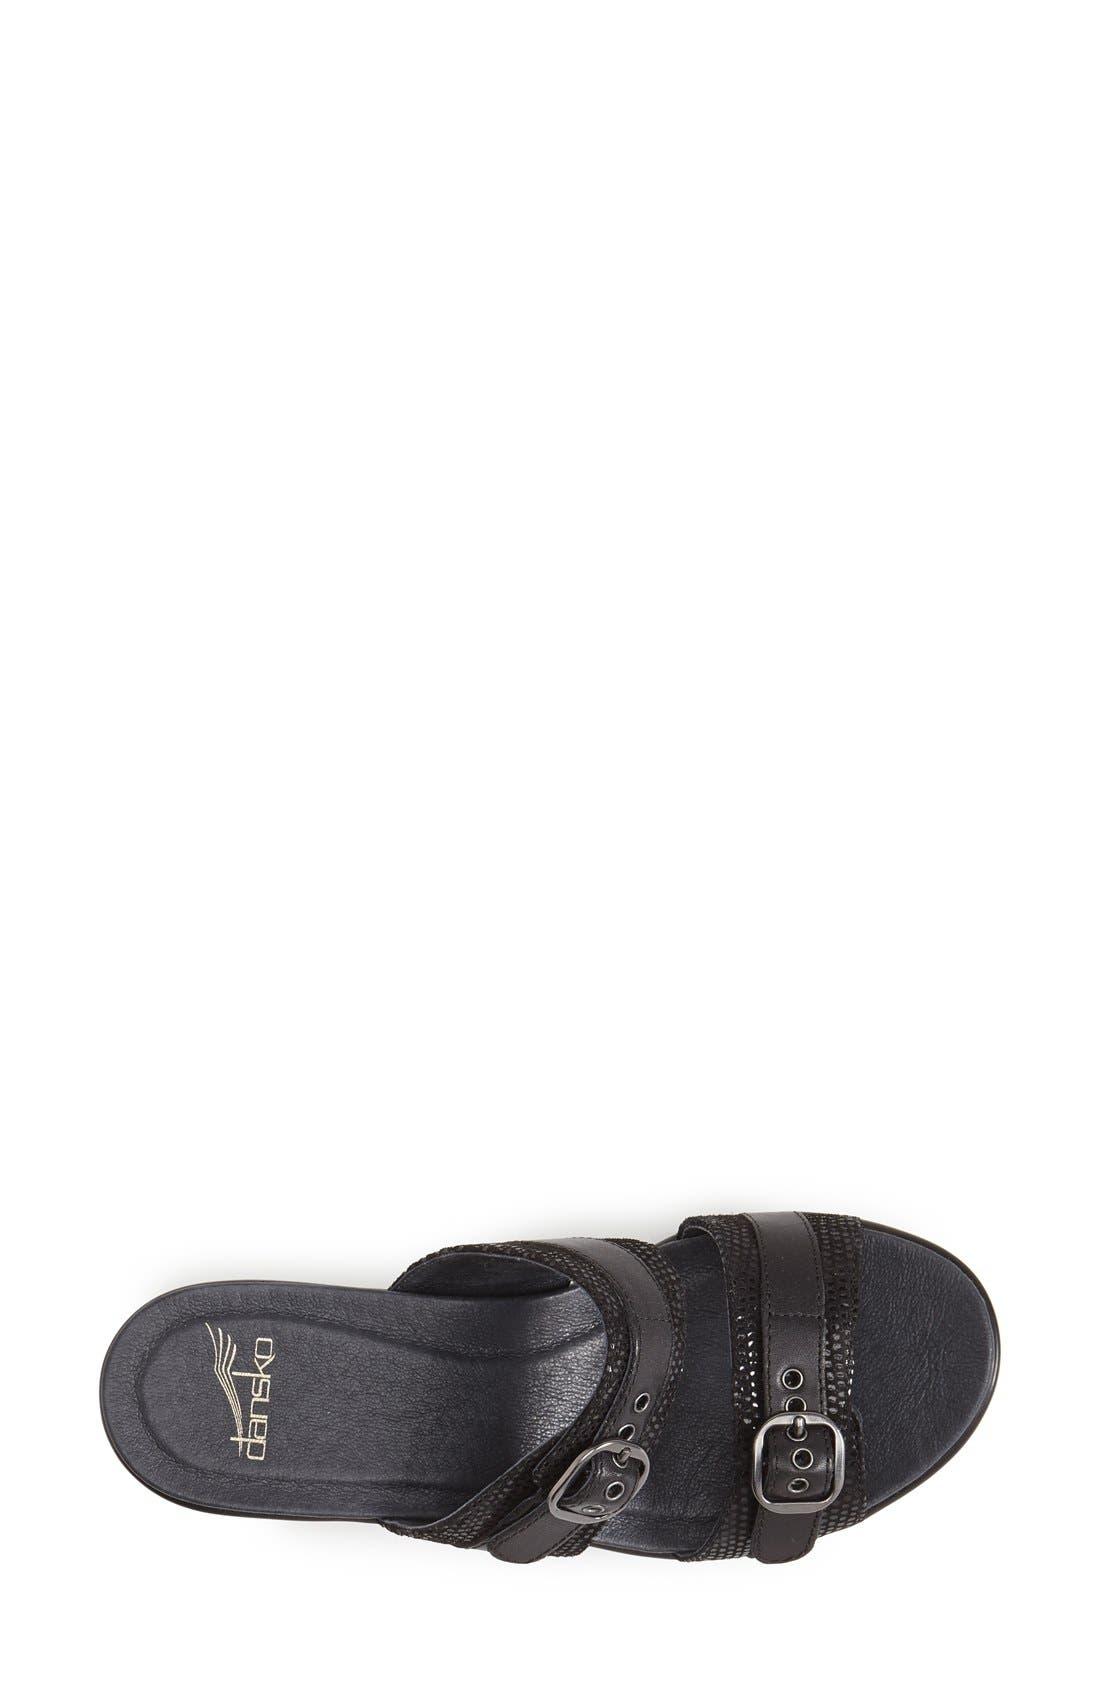 'Jessie' Double Strap Sandal,                             Alternate thumbnail 3, color,                             001